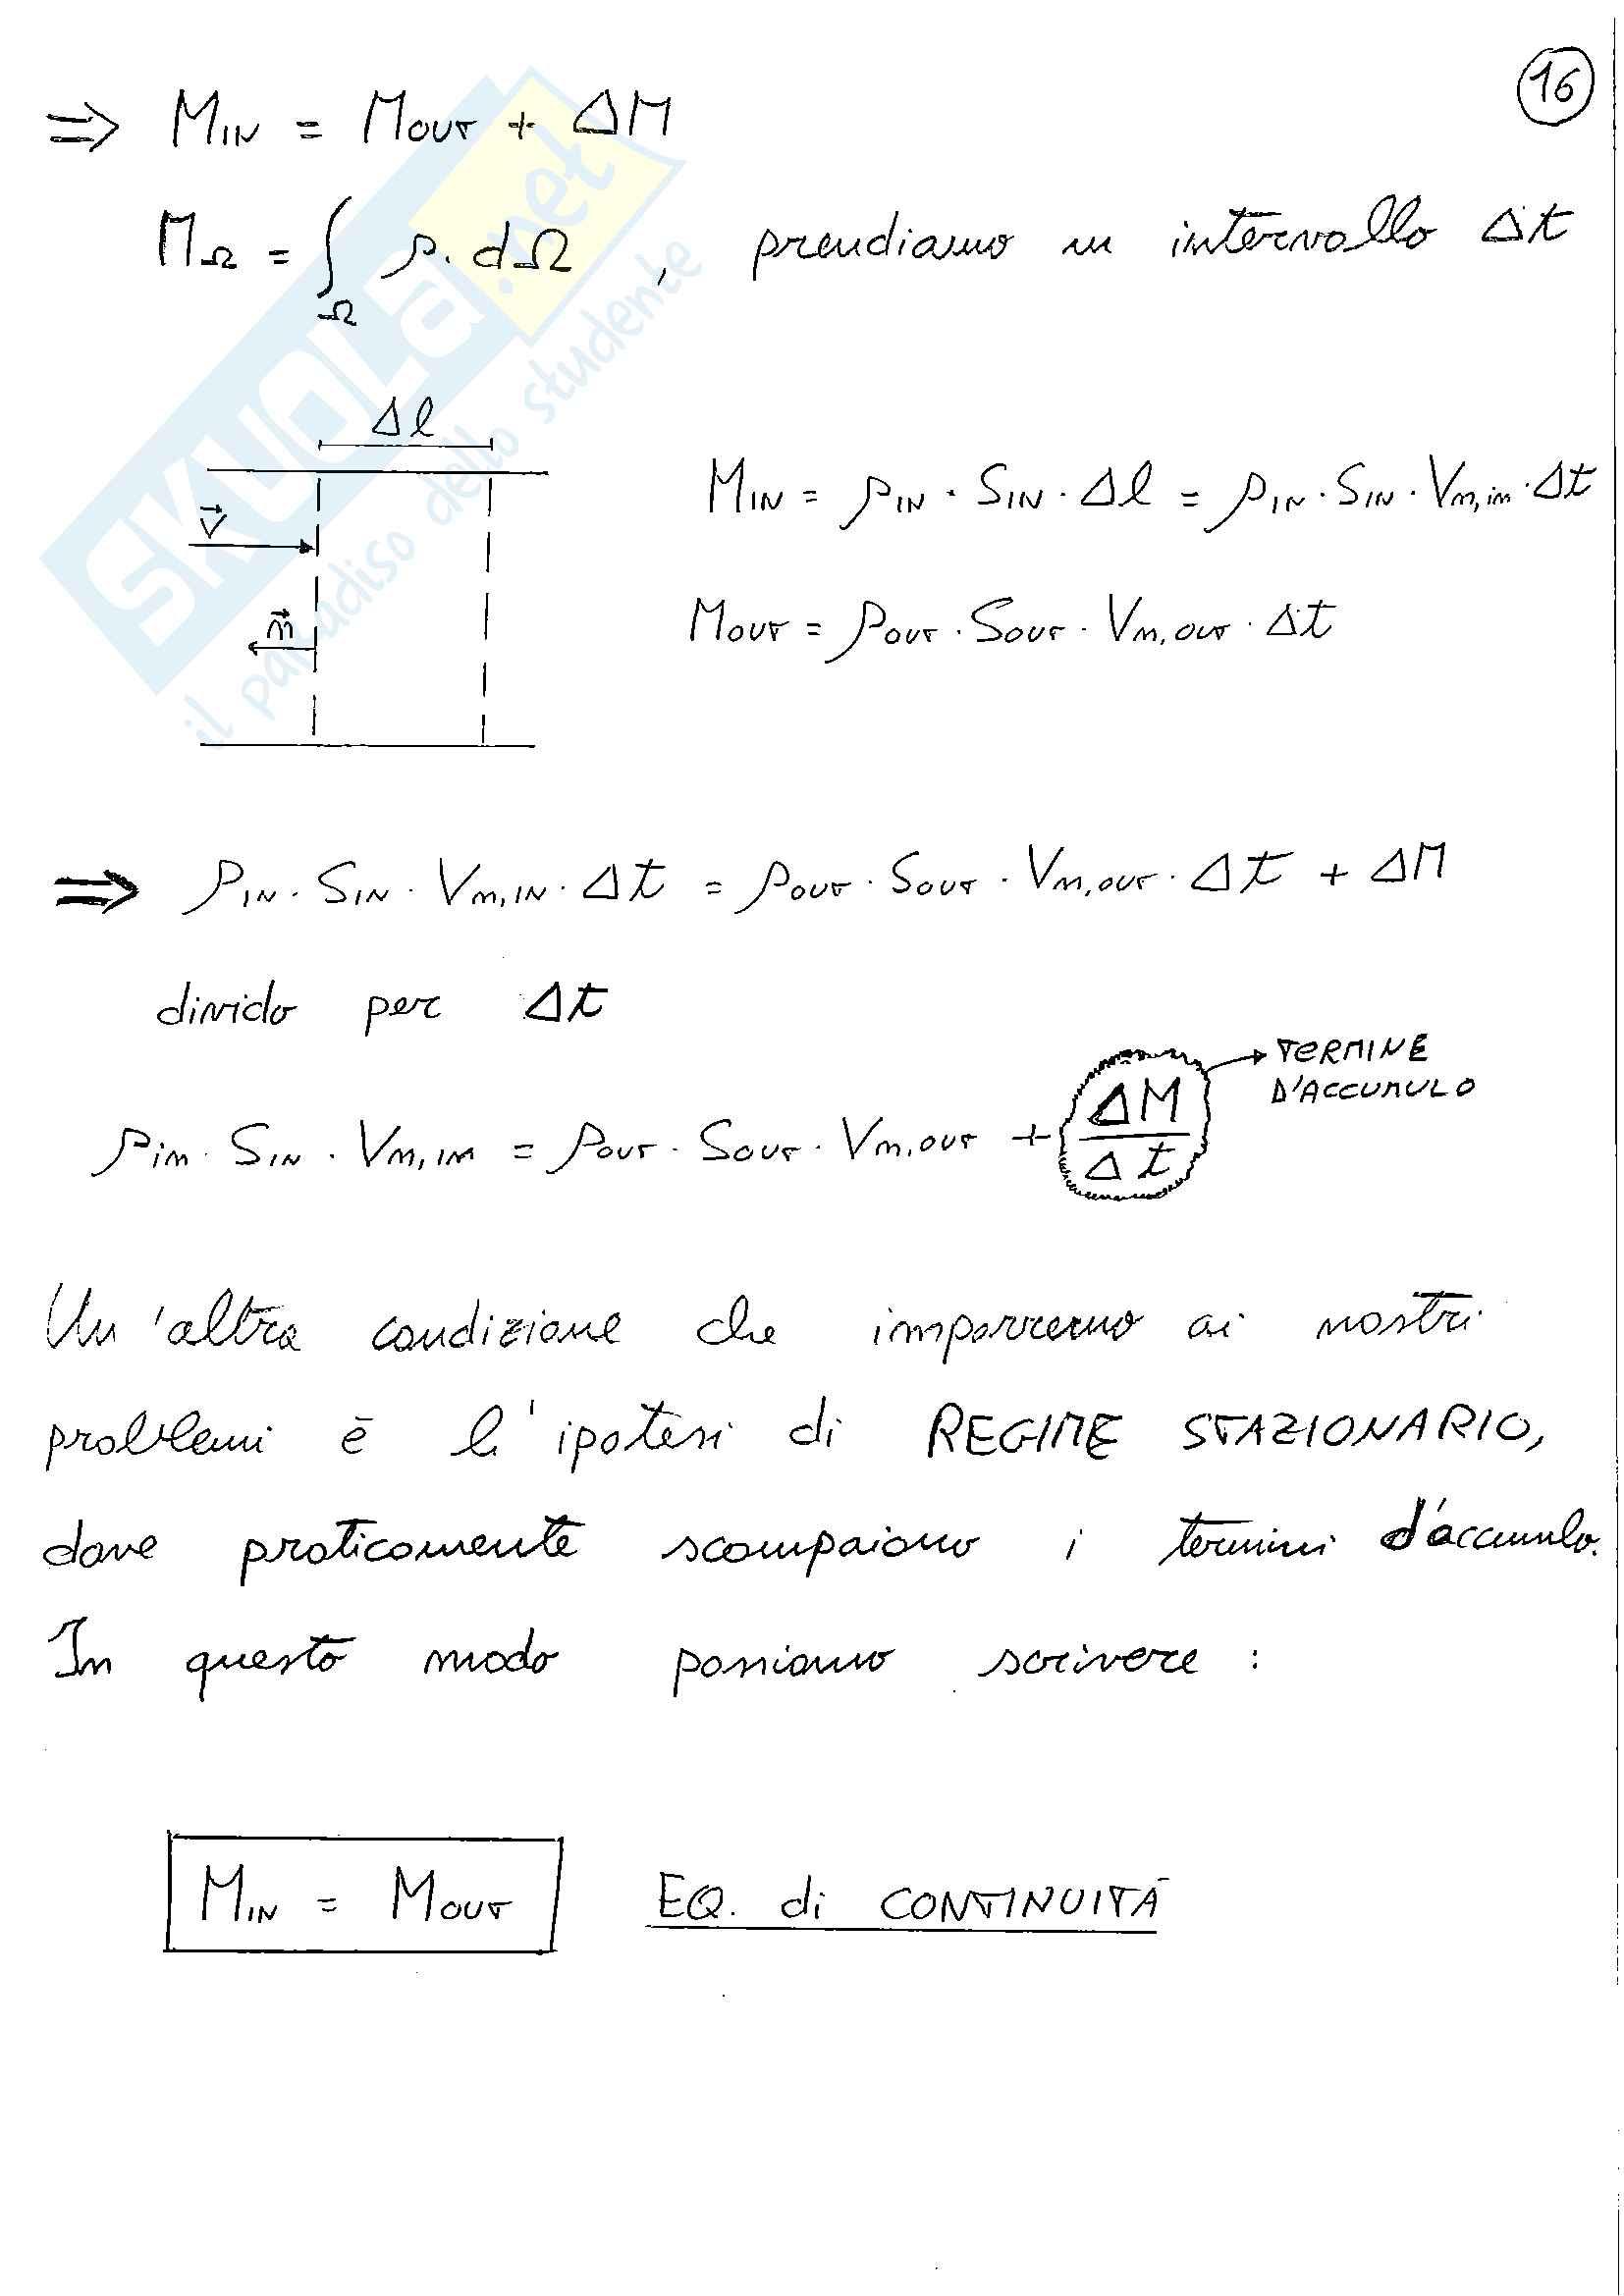 Appunti di Macchine e Sistemi Energetici Pag. 16